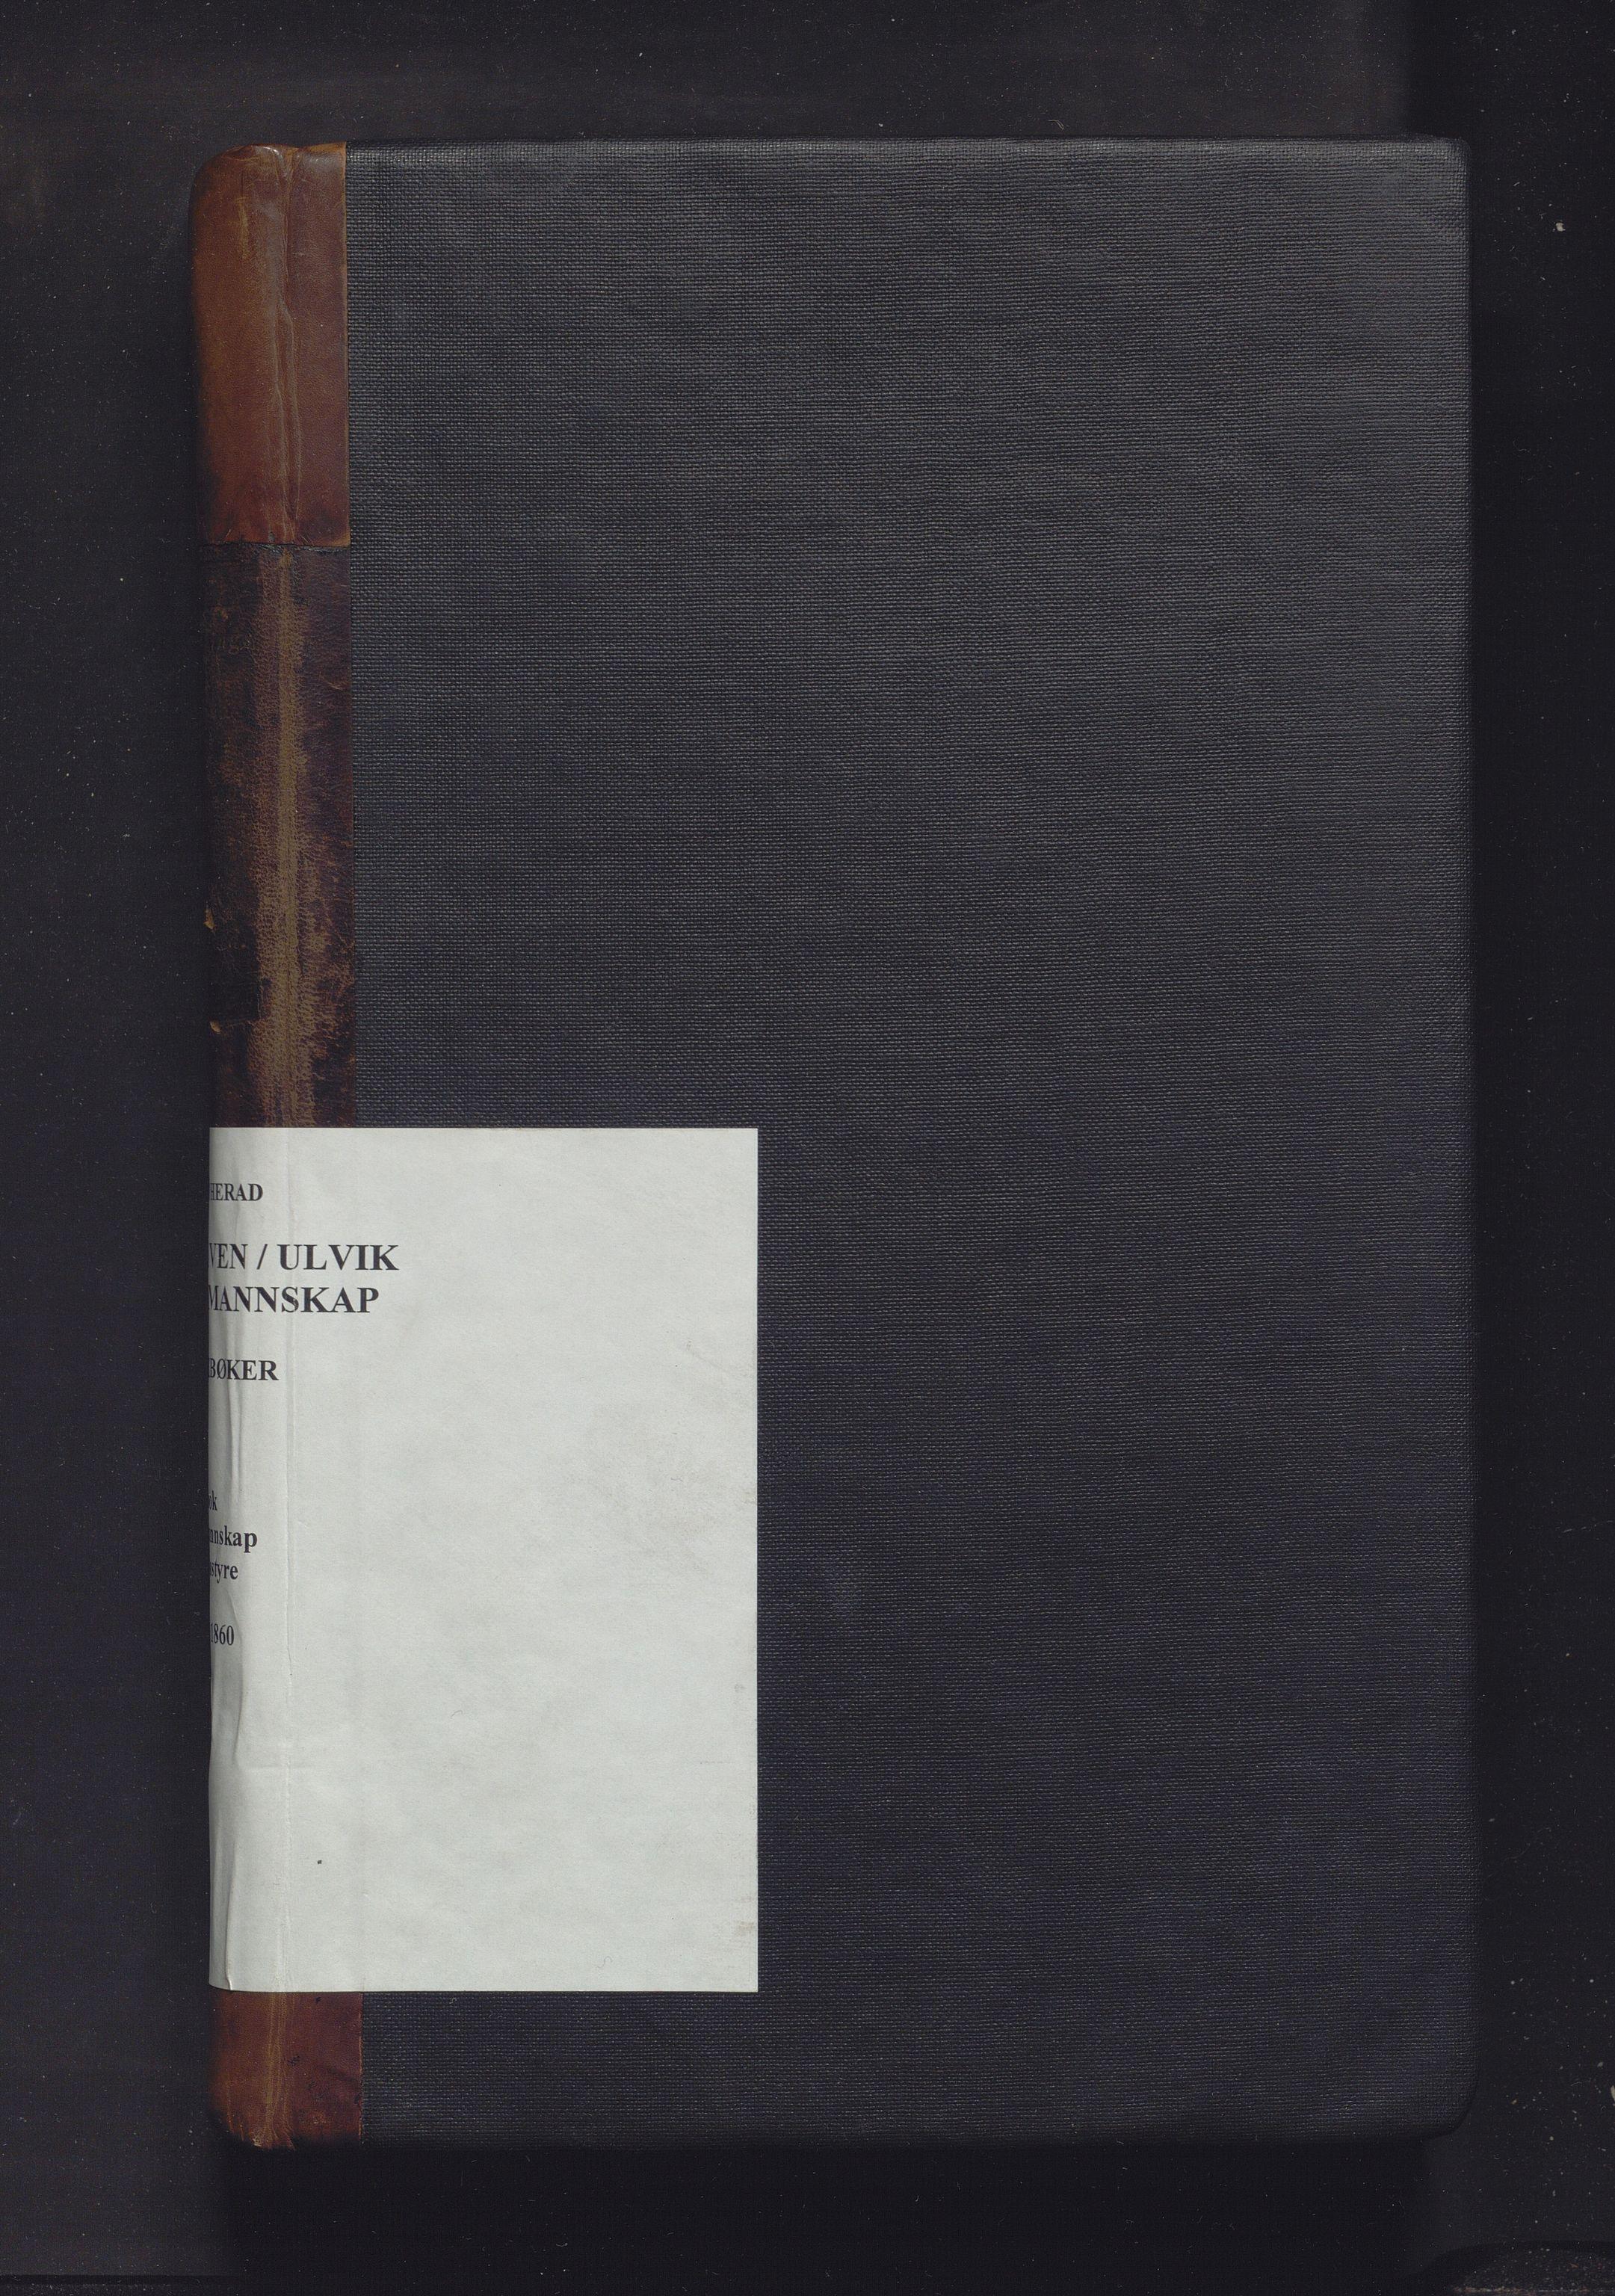 IKAH, Ulvik herad. Formannskapet, A/Aa/Aaa/L0001: Møtebok for formannskap, heradsstyre og soknestyra i Eidfjord, Graven og Ulvik soknekommunar, 1838-1860